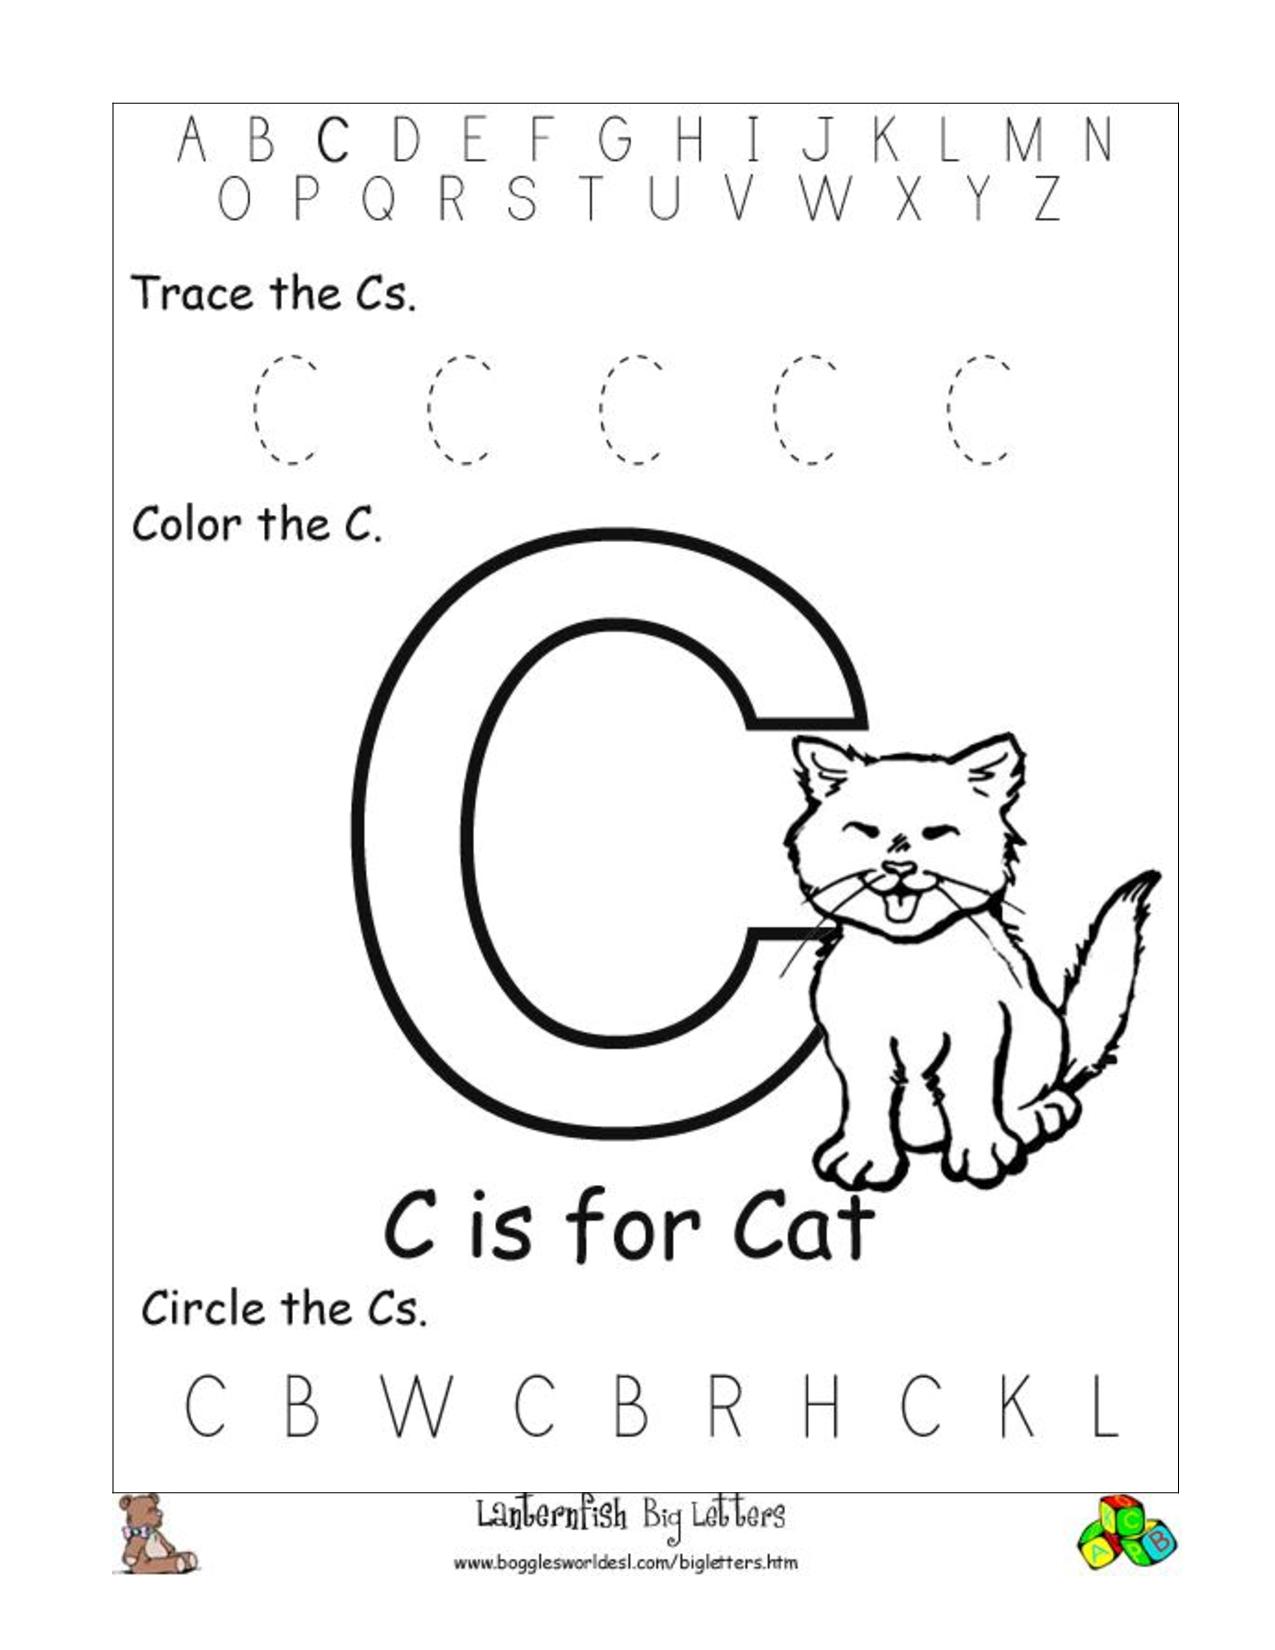 6 Best Images Of Free Printable Preschool Worksheets Letter C | Day - Free Printable Letter C Worksheets